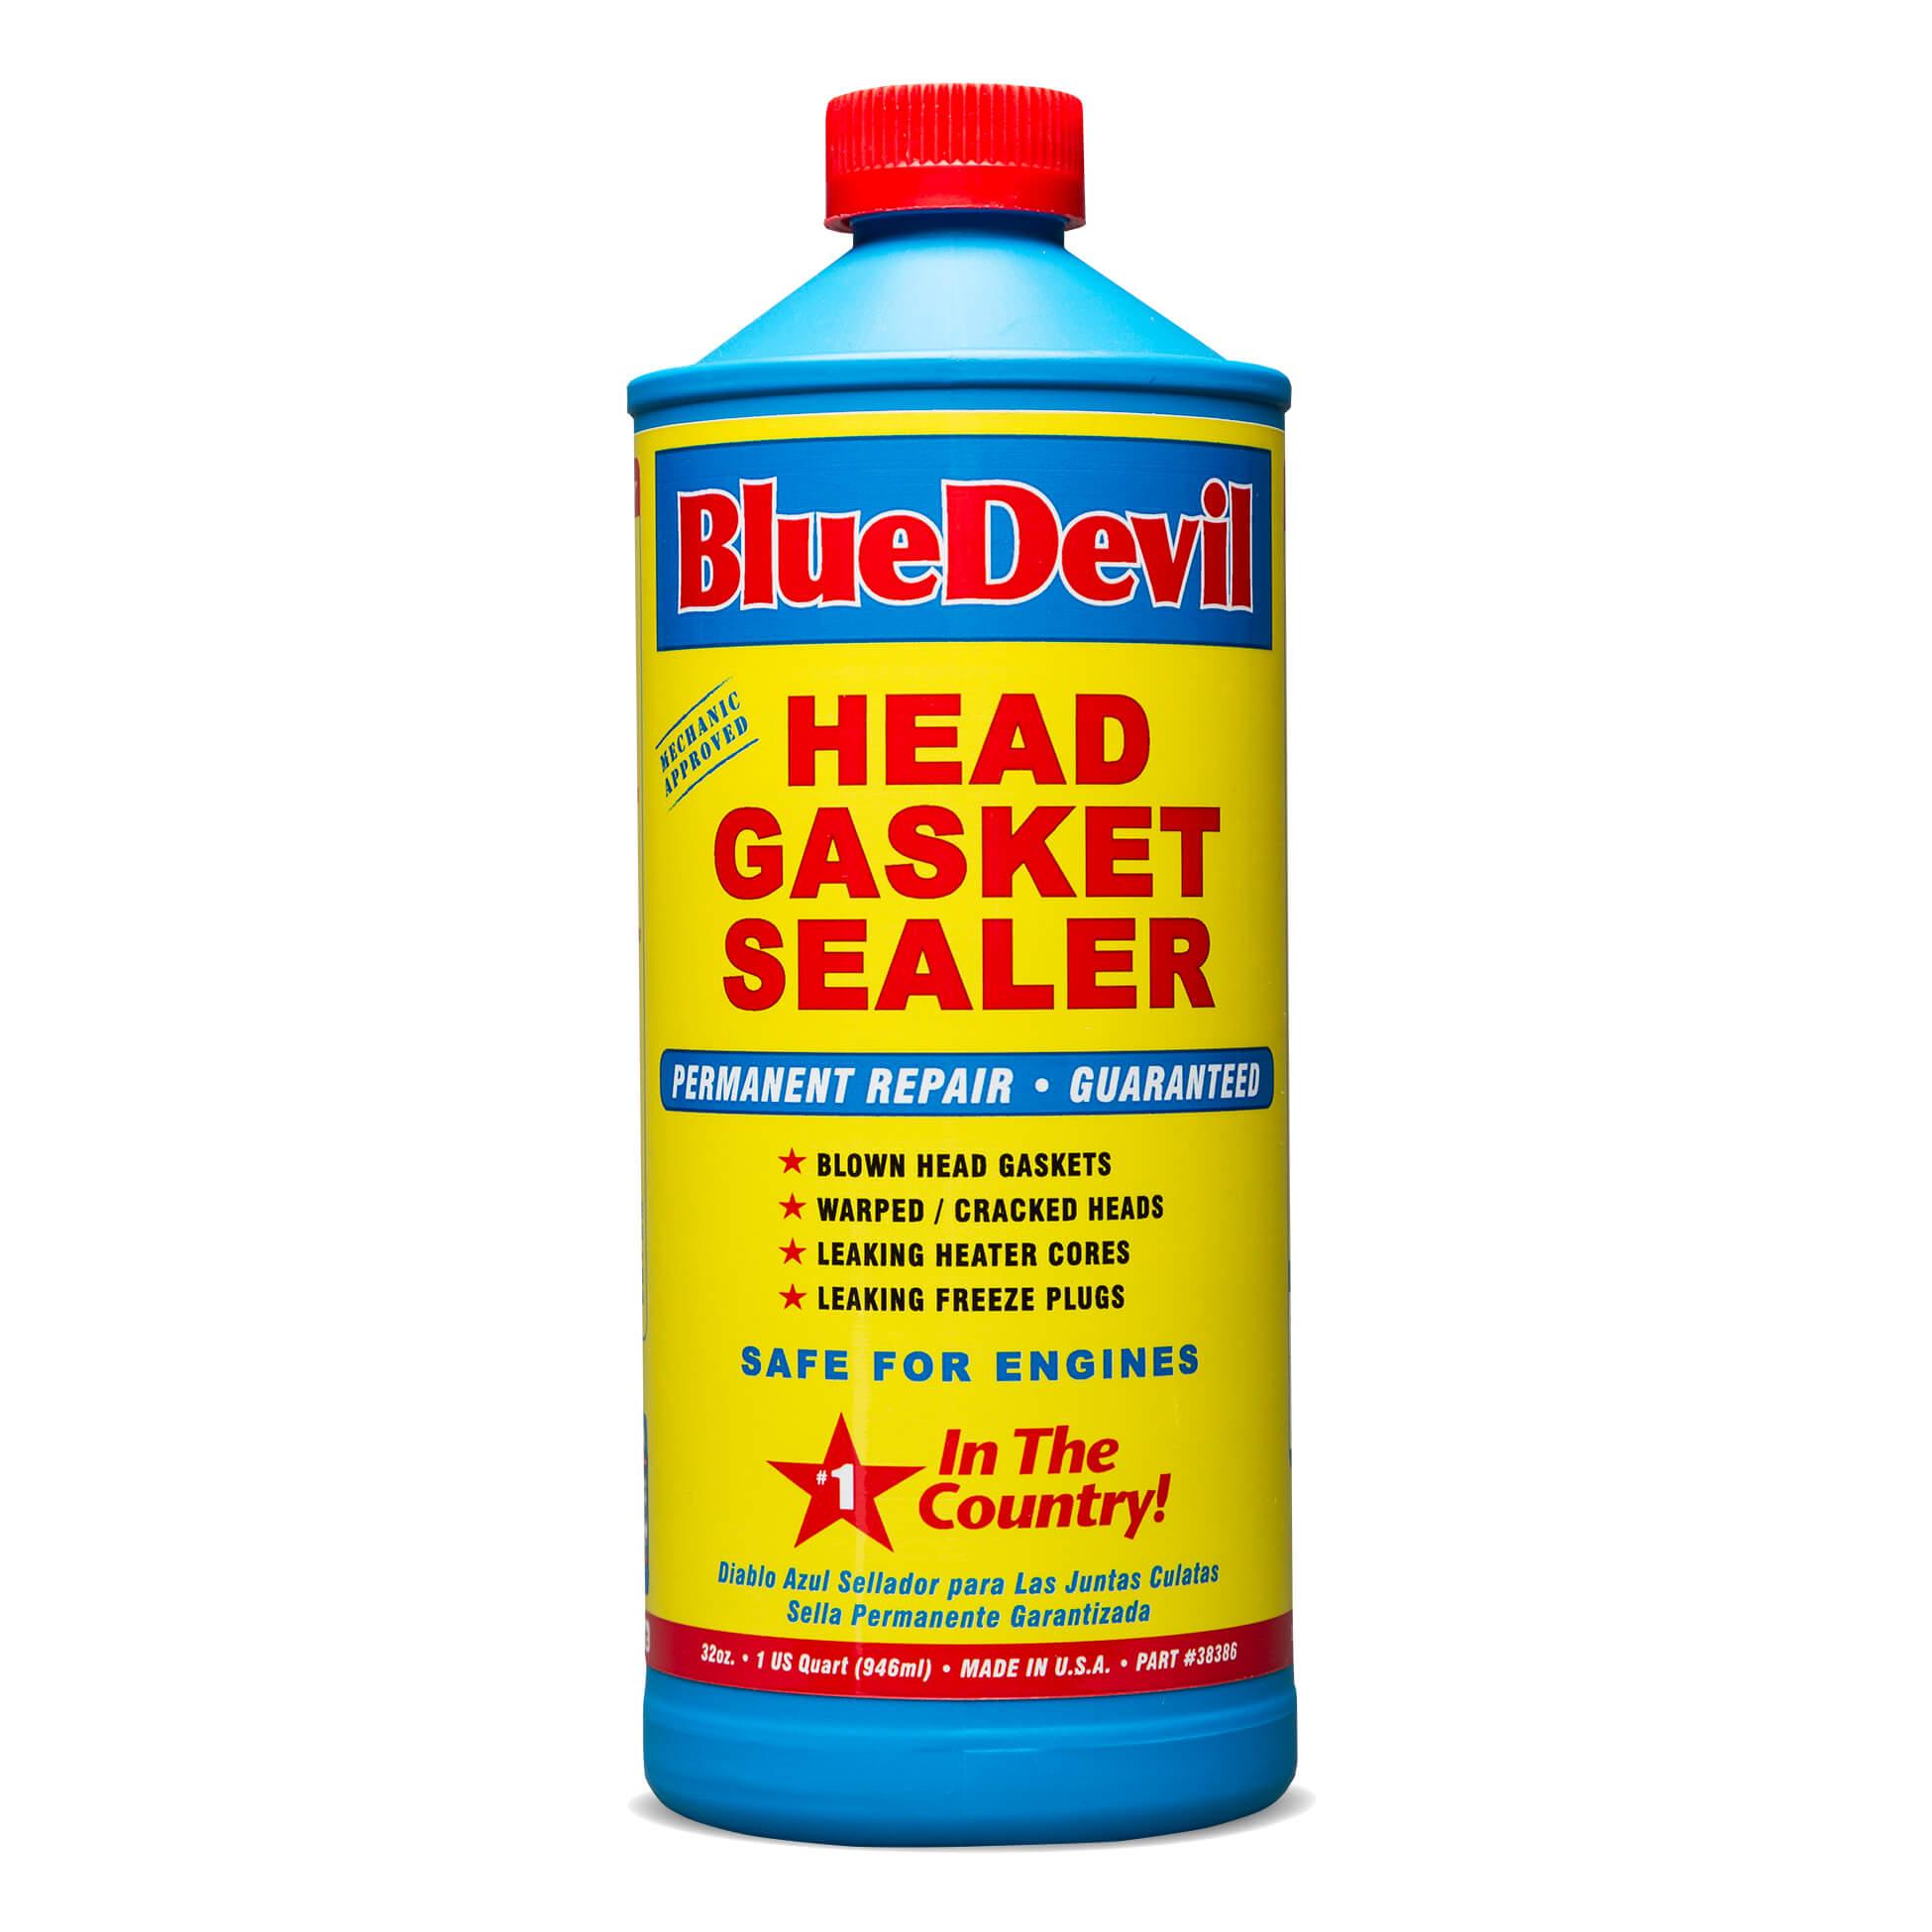 Blue-Devil-Head-Gasket-Sealer